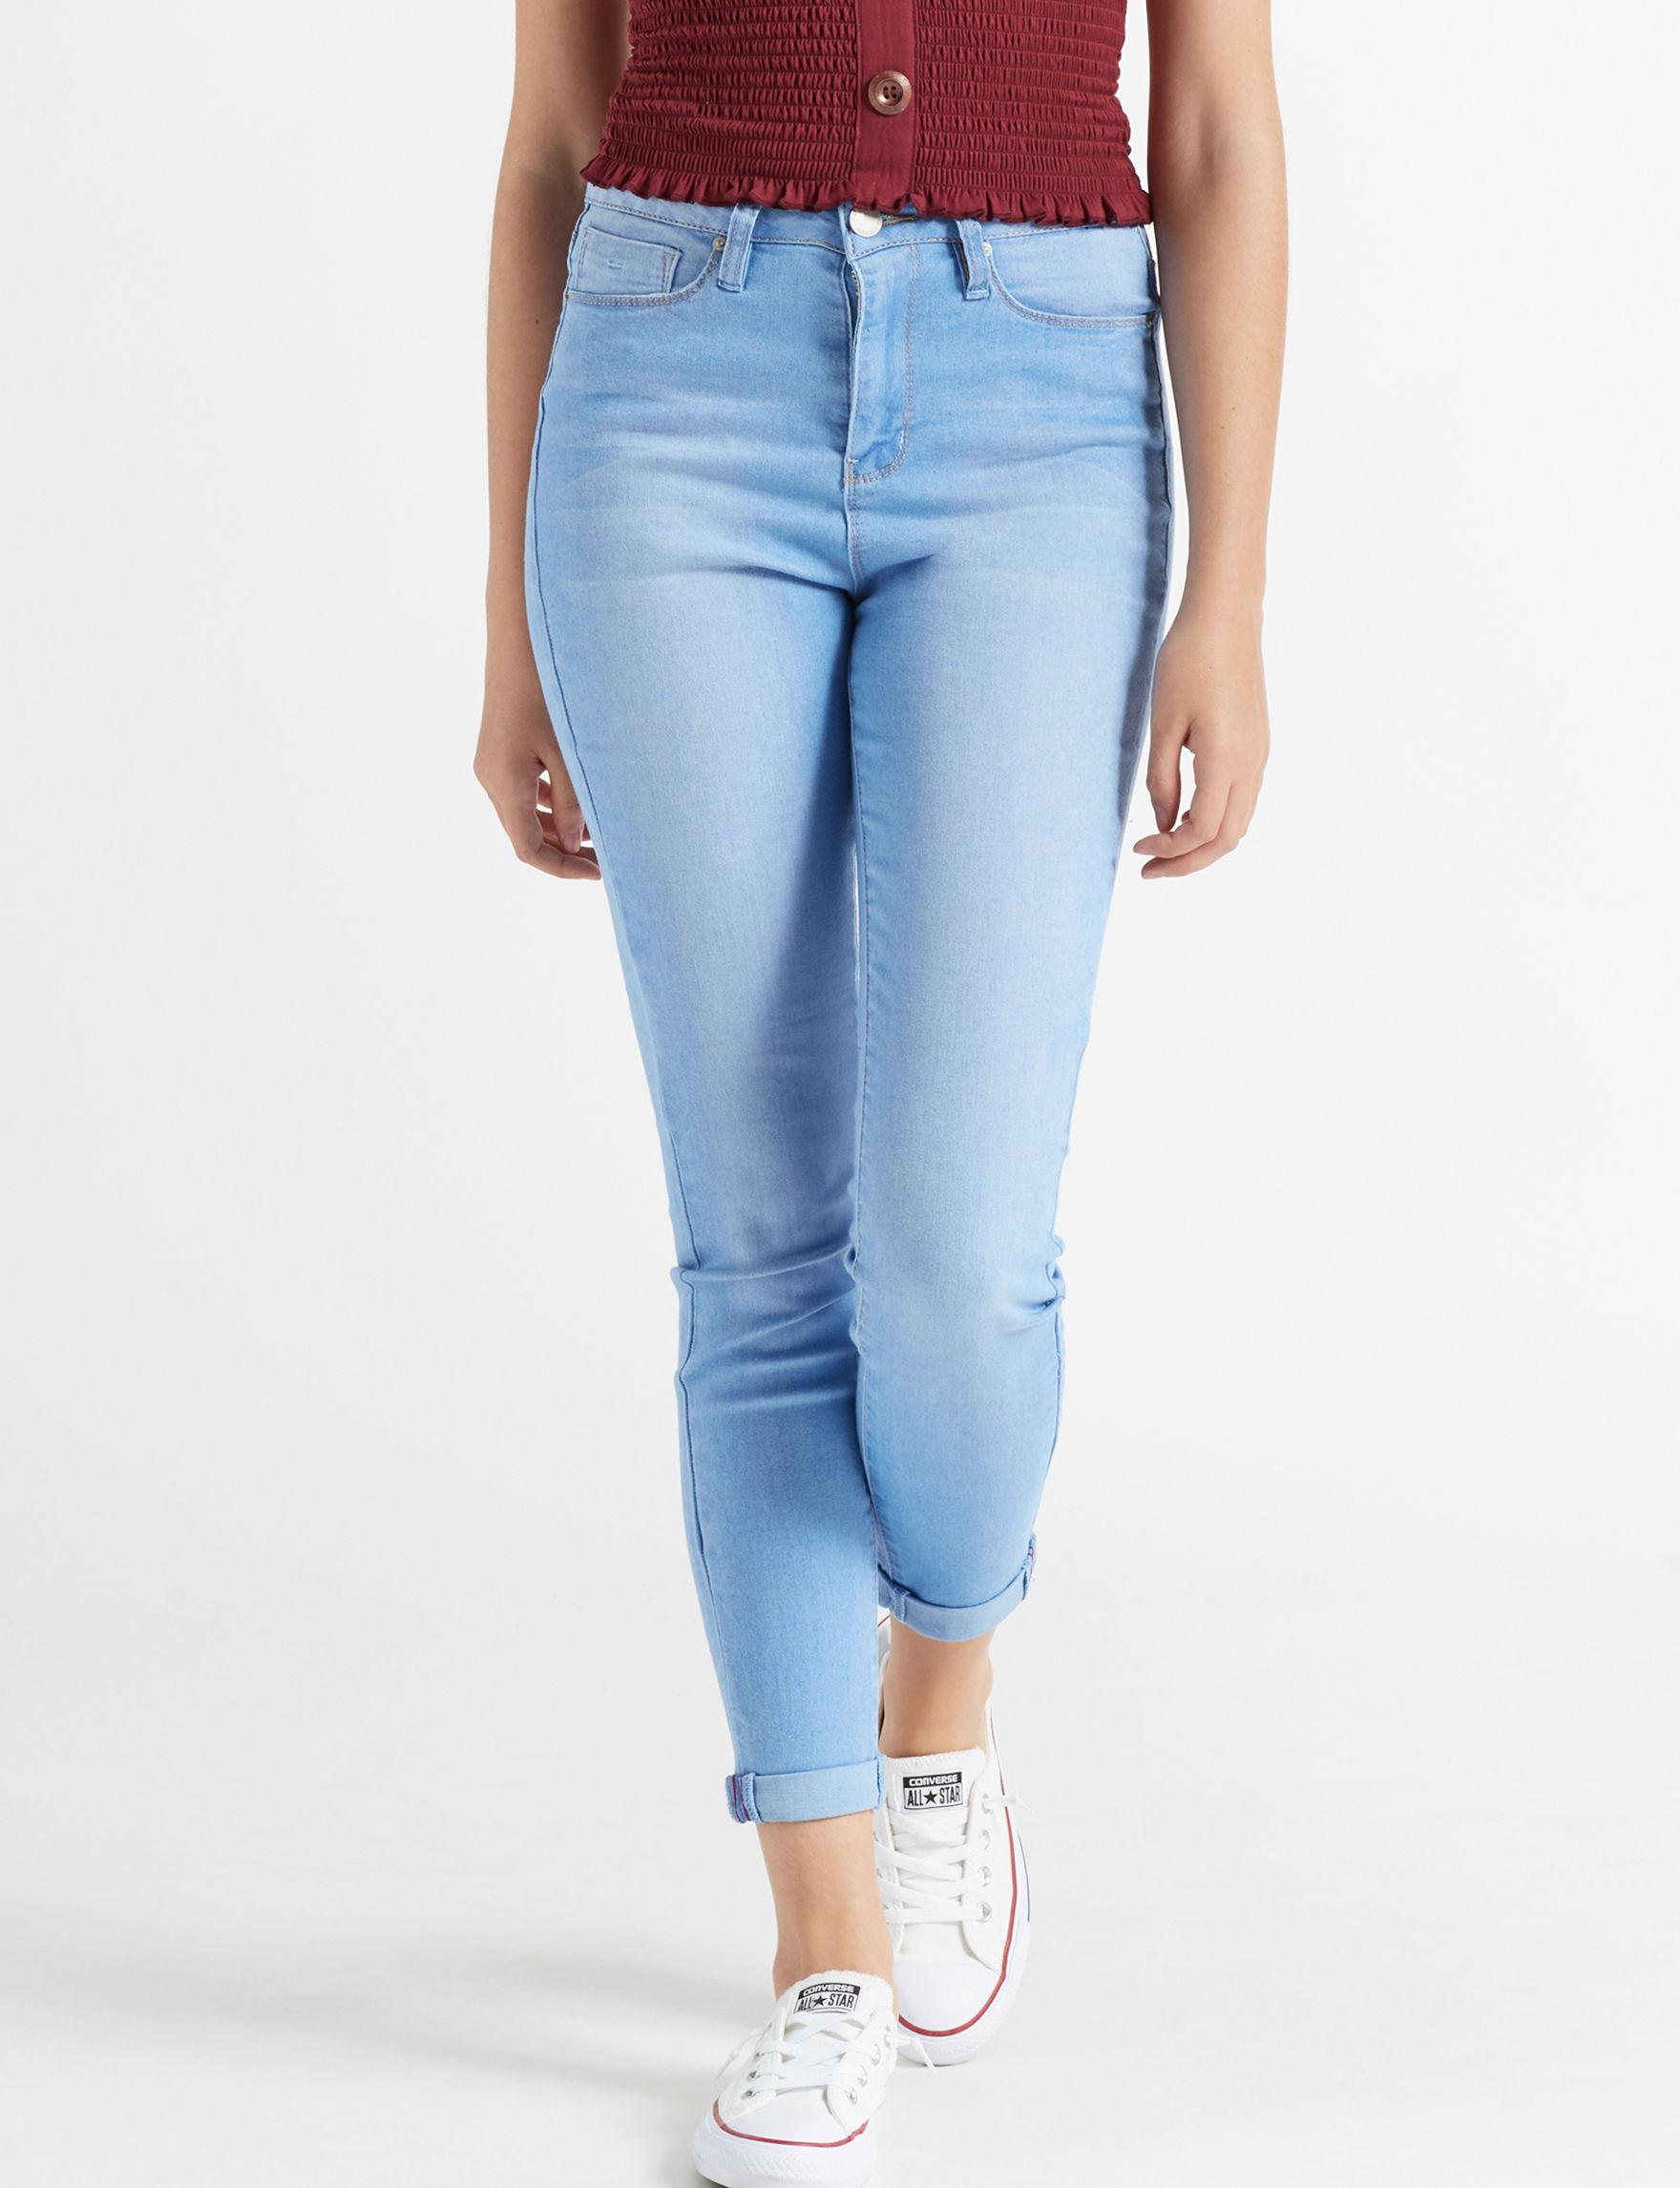 YMI Blue Curvy Shaping Skinny